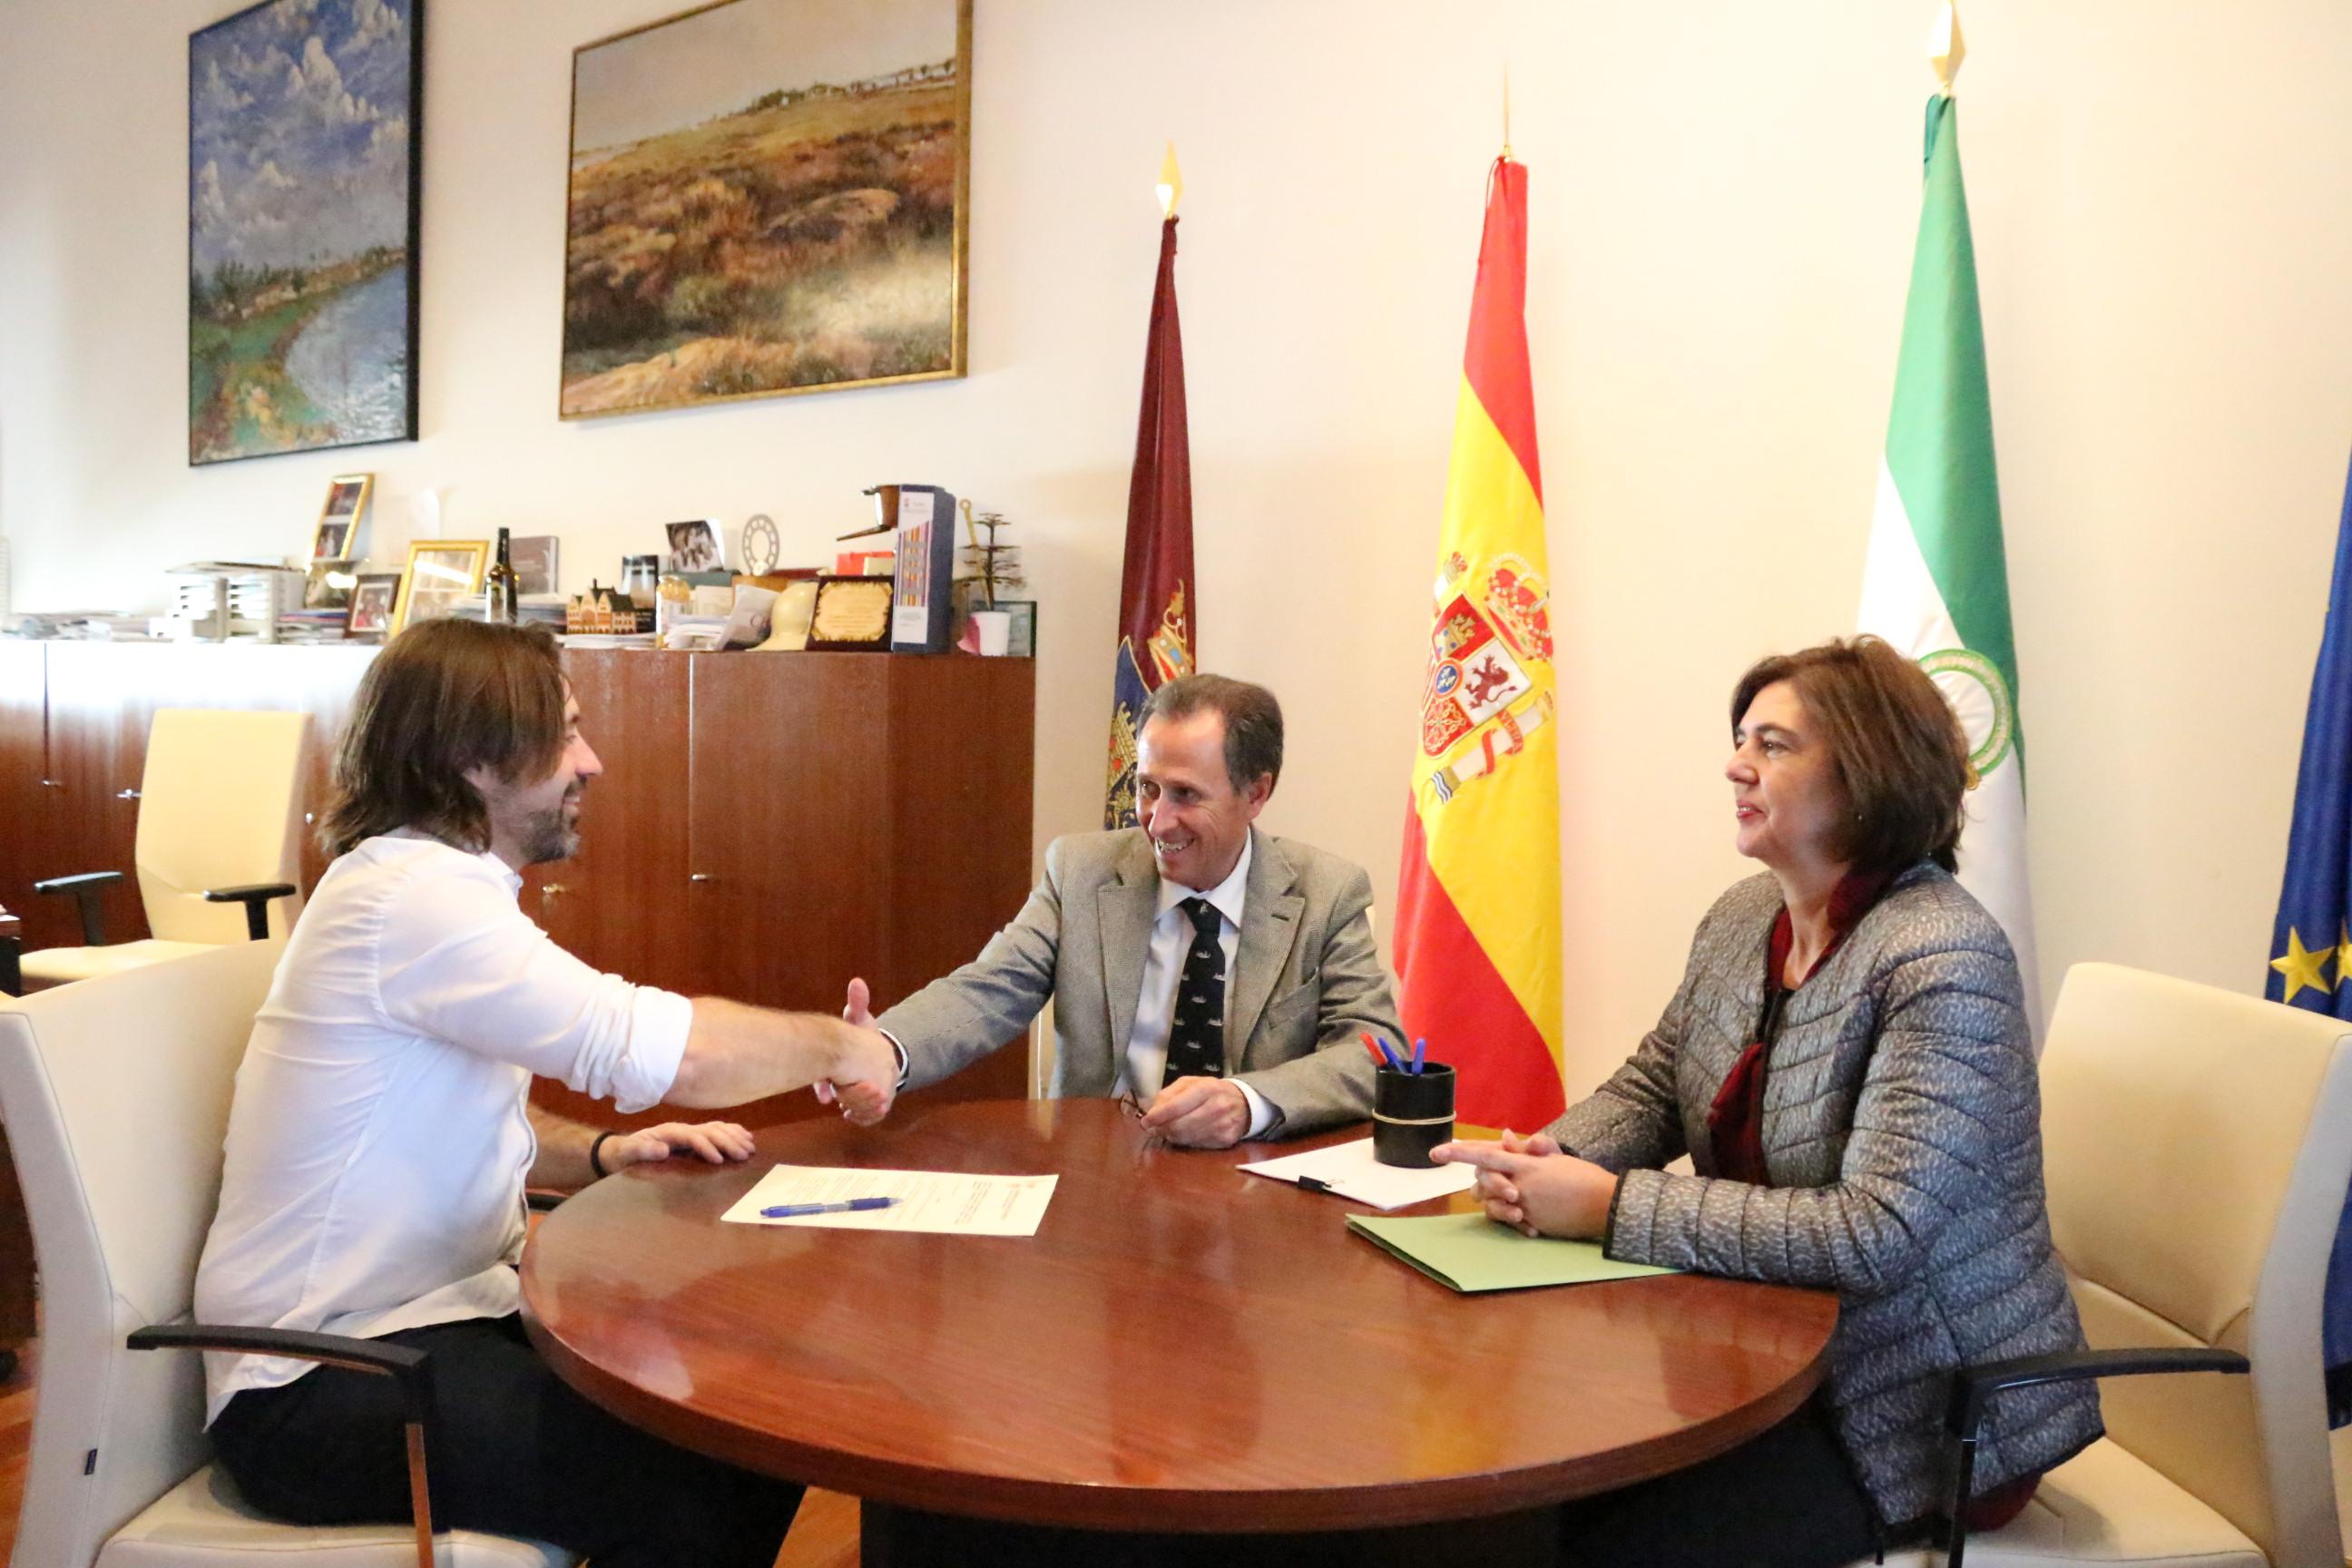 El alcalde y el representante de Pro Derechos Humanos se dan la mano durante el acto de firma de convenio, ante la presencia de la delegada municipal de Cooperación Internacional